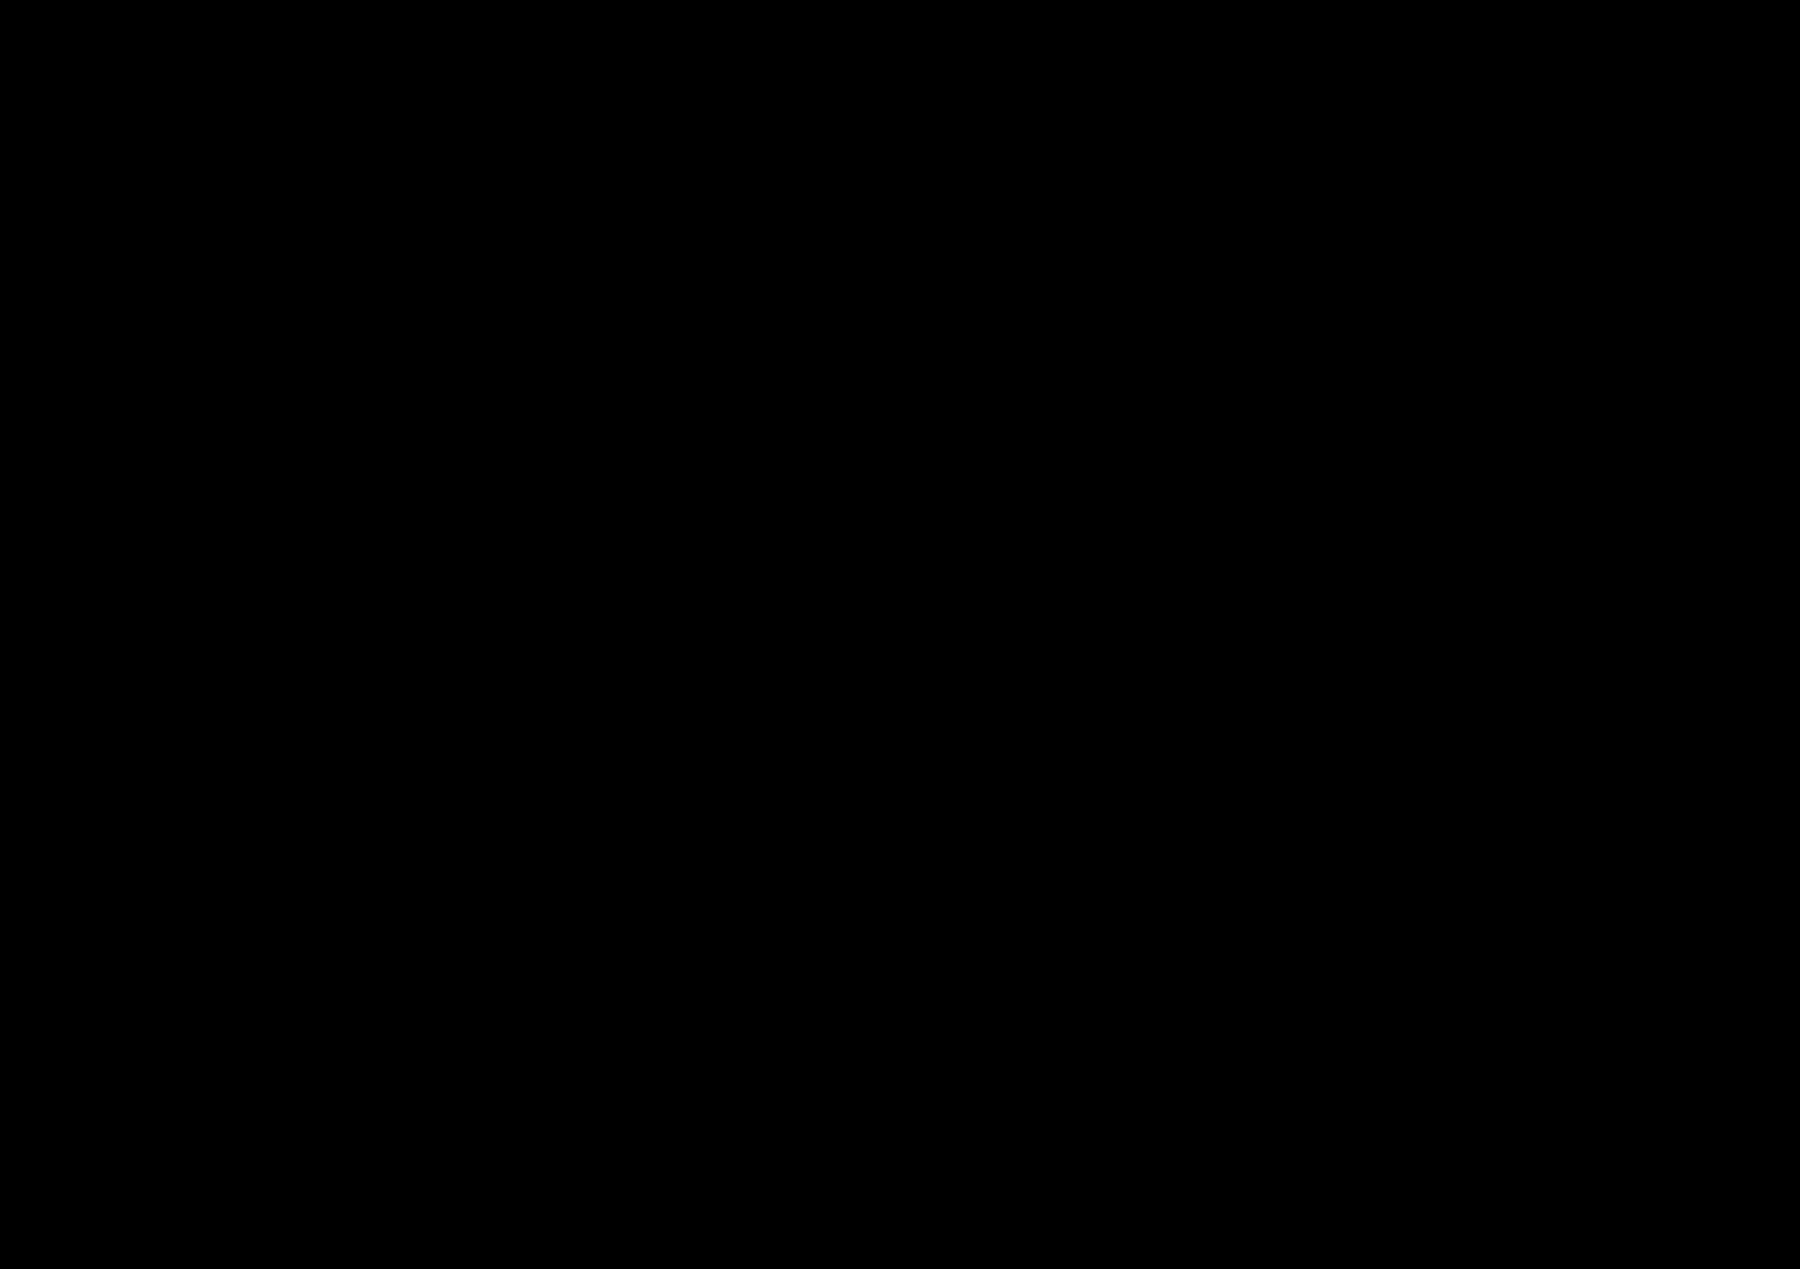 喜美嶋家での出来事 完全版 AM8:30~11:15 98